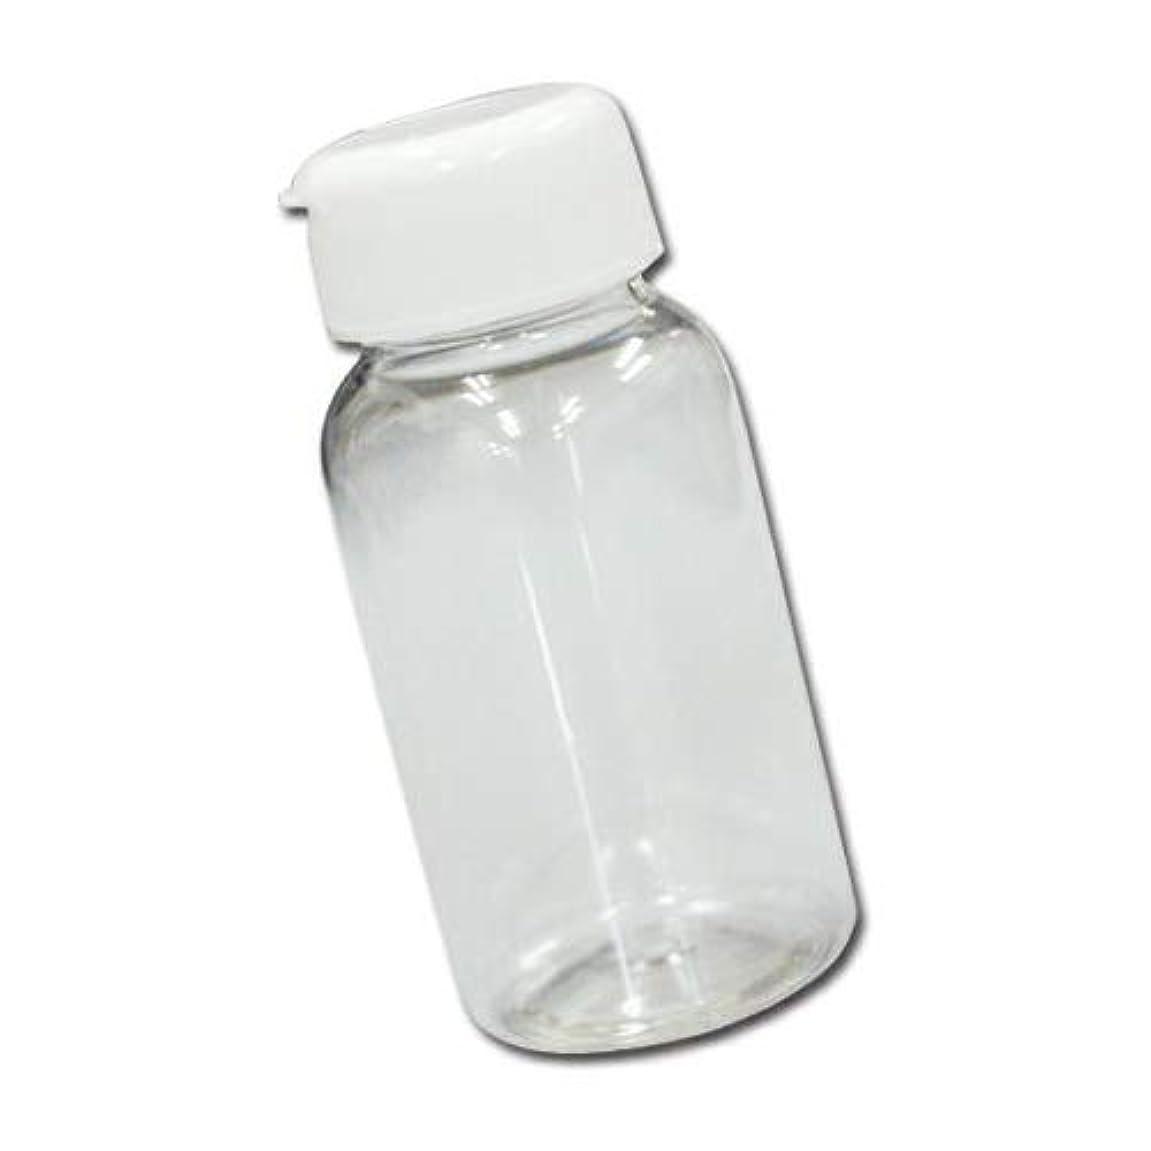 十分北方アラスカパウダー用詰め替え容器200mlボトル│業務用マッサージパウダーや調味料の小分けに最適な穴あき詰め替えボトル